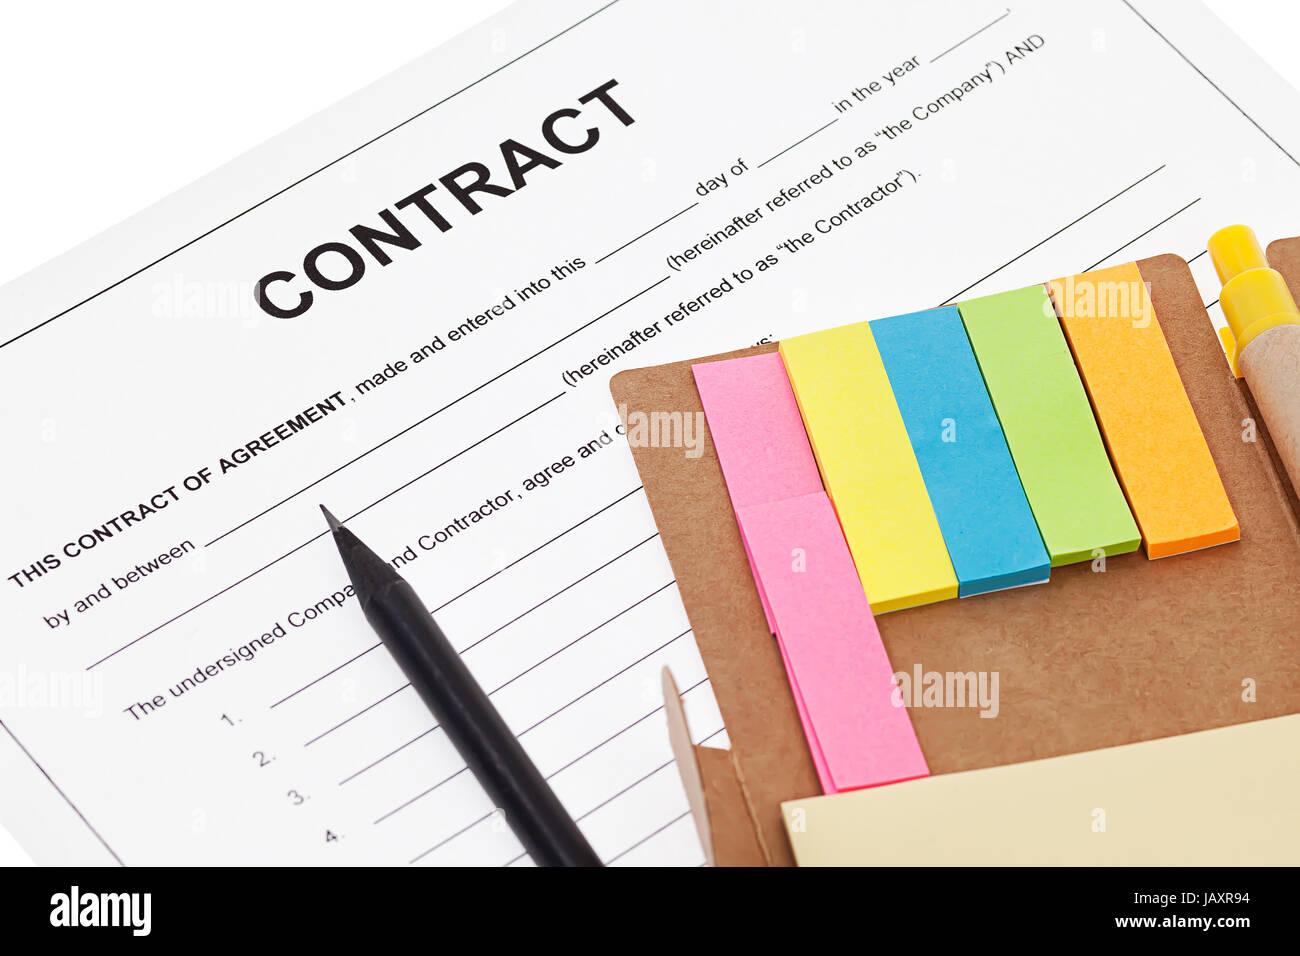 Vertrag Geschäftsvereinbarung mit Bleistift und Notizzettel ...